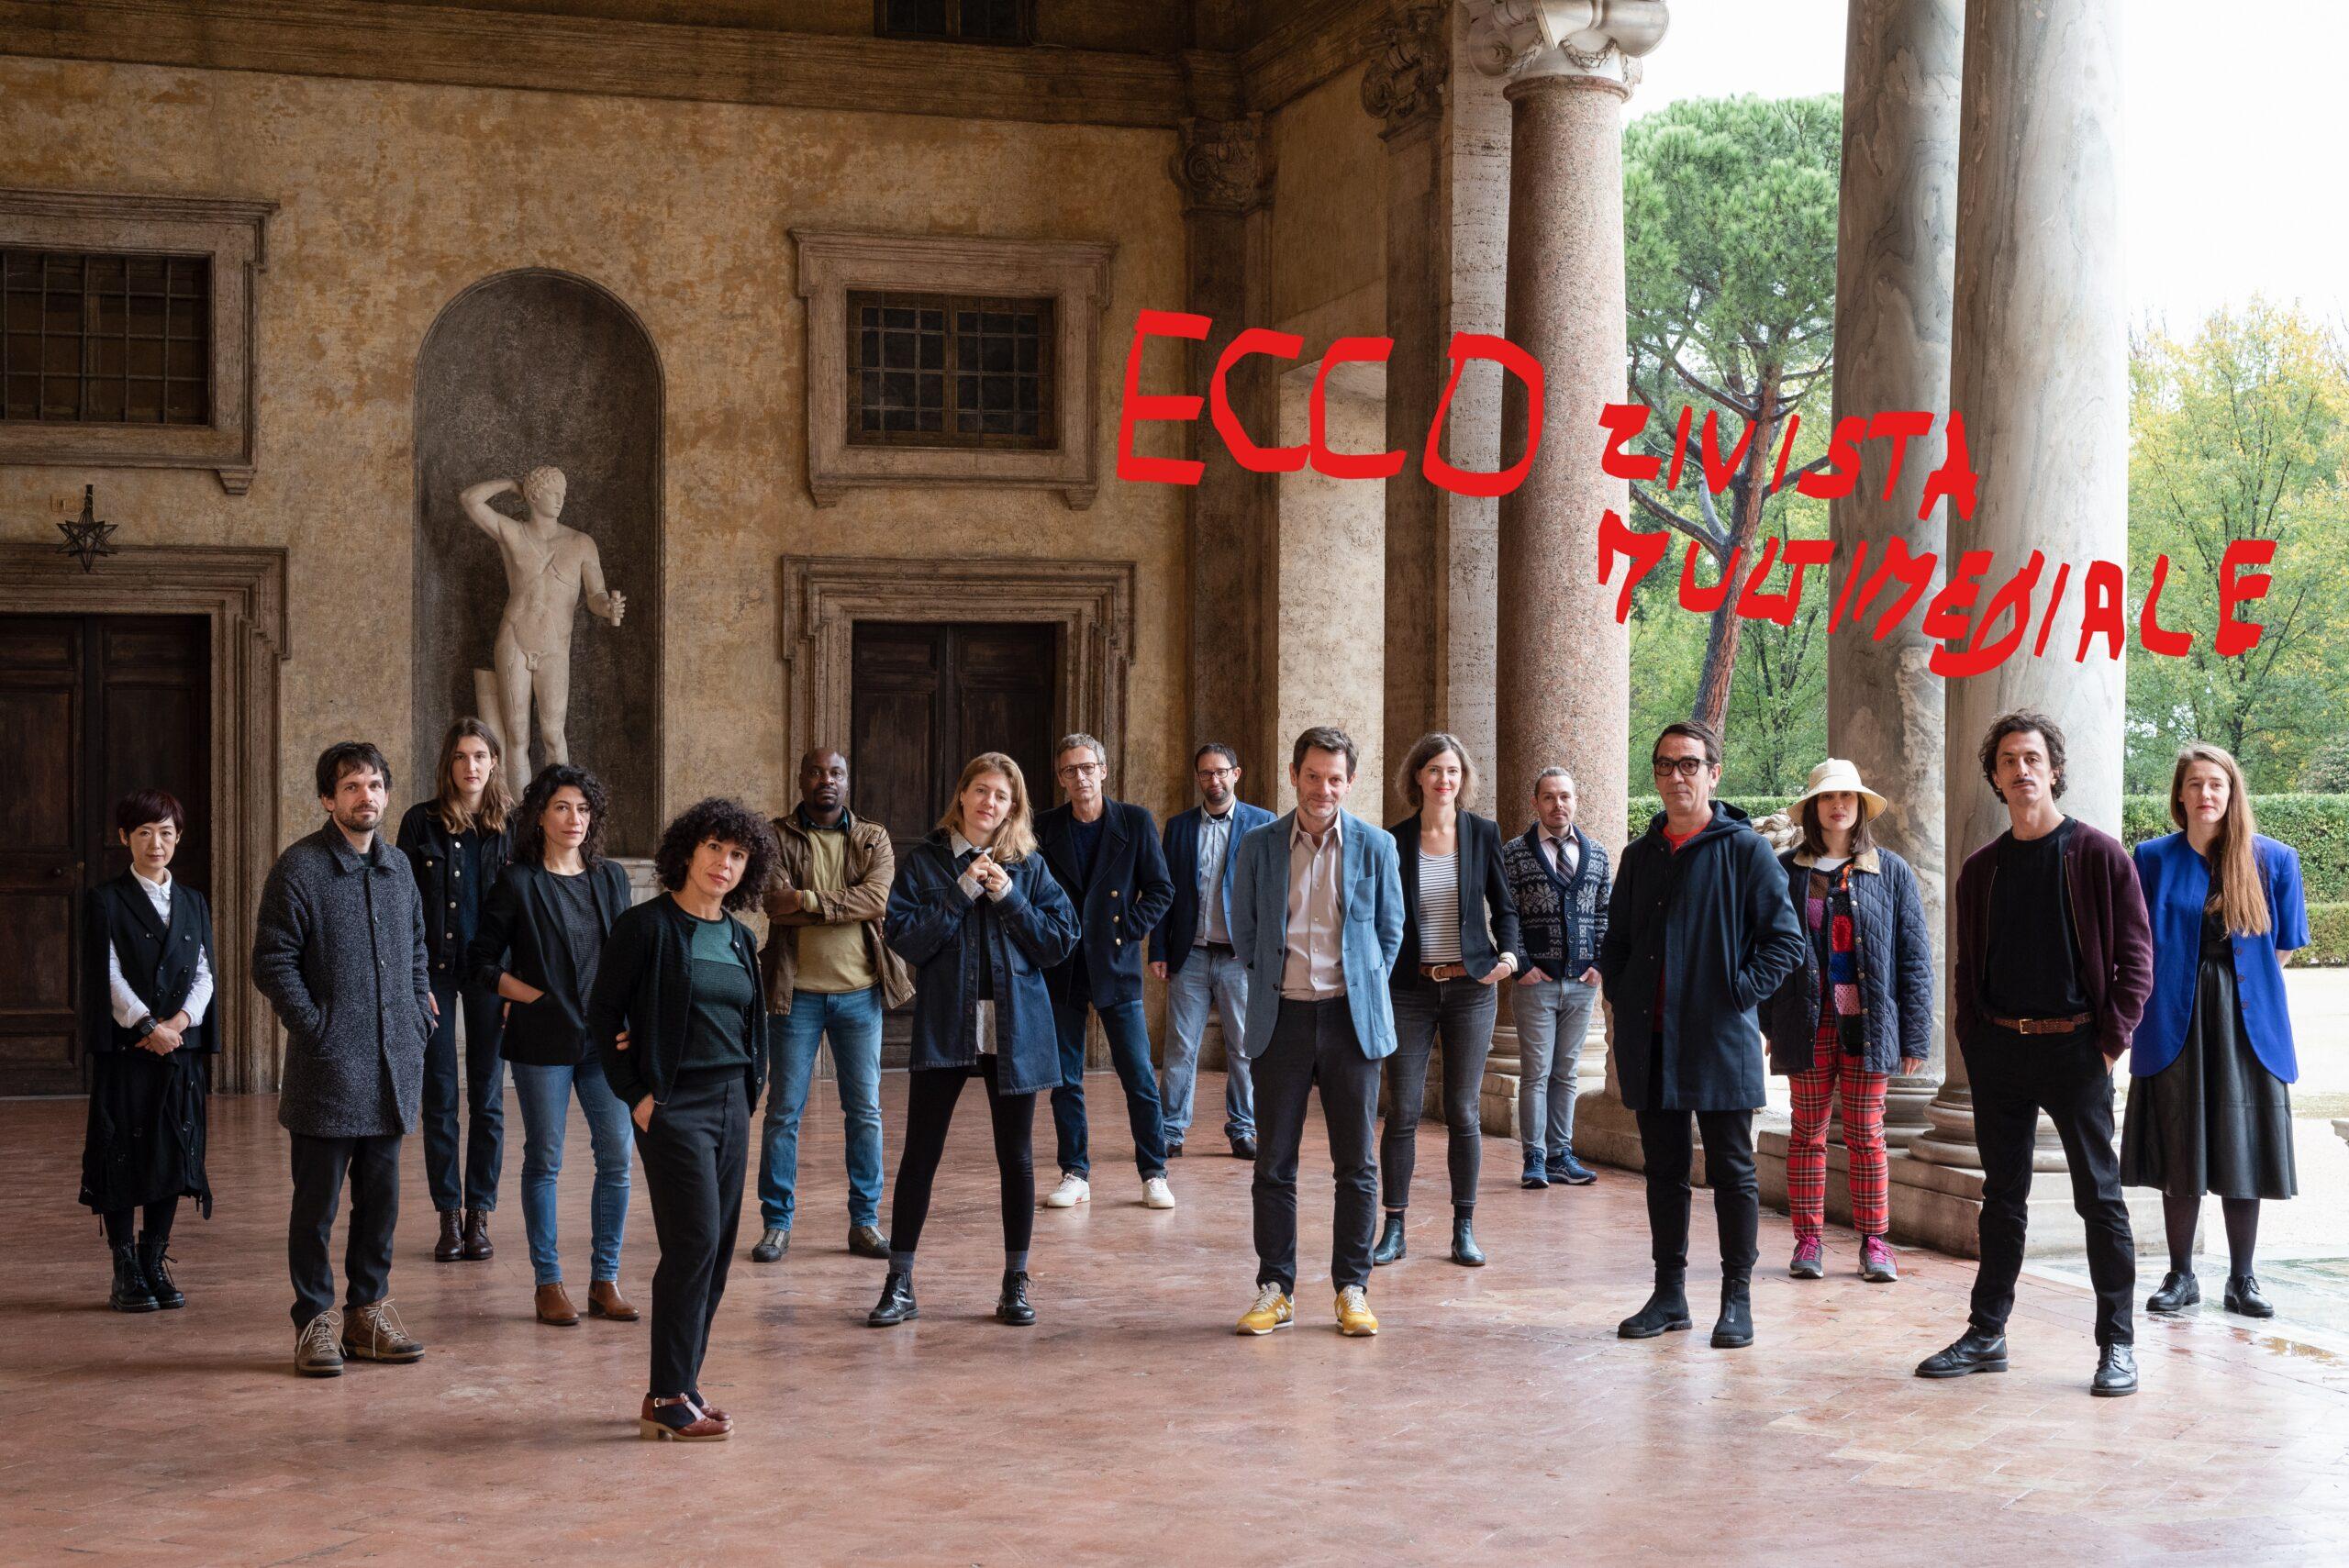 ECCO: i borsisti dell'Accademia di Francia a Roma – Villa Medici, lanciano la nuova rivista online sperimentale e multiforme